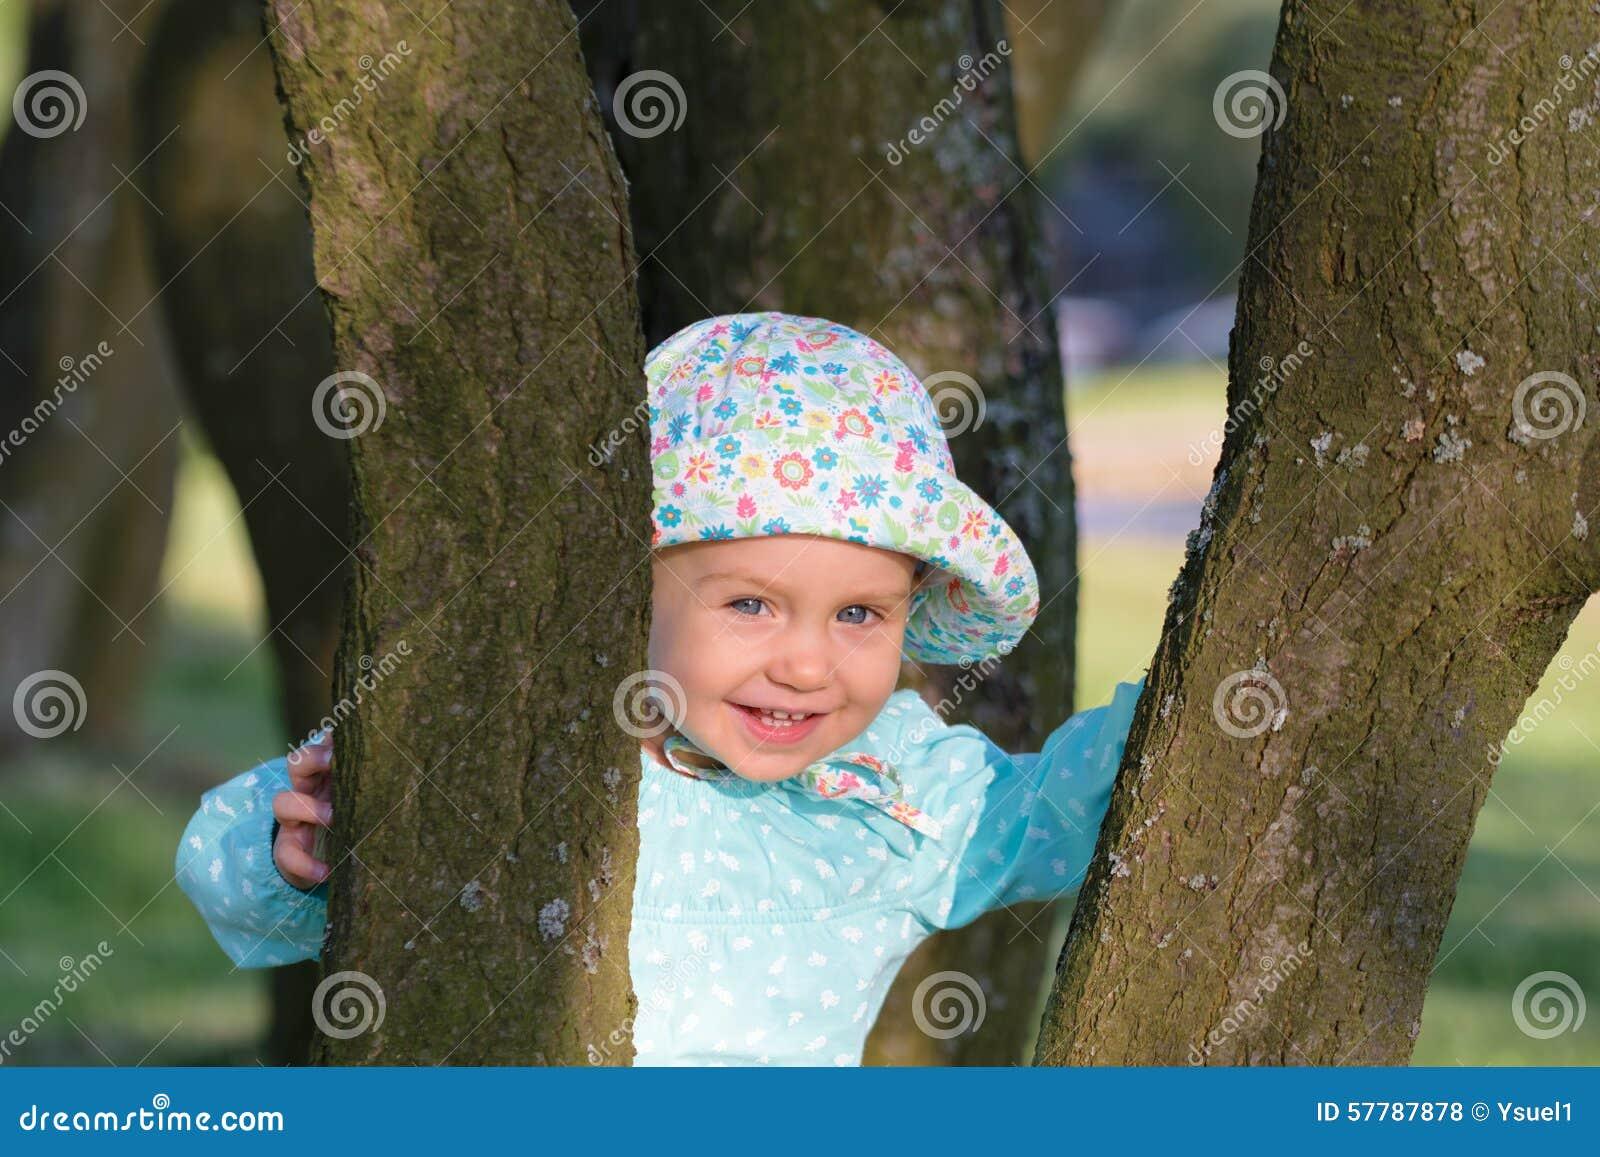 Patrycja Amongst Trees 1 Stock Photo Image Of Enjoy 57787878